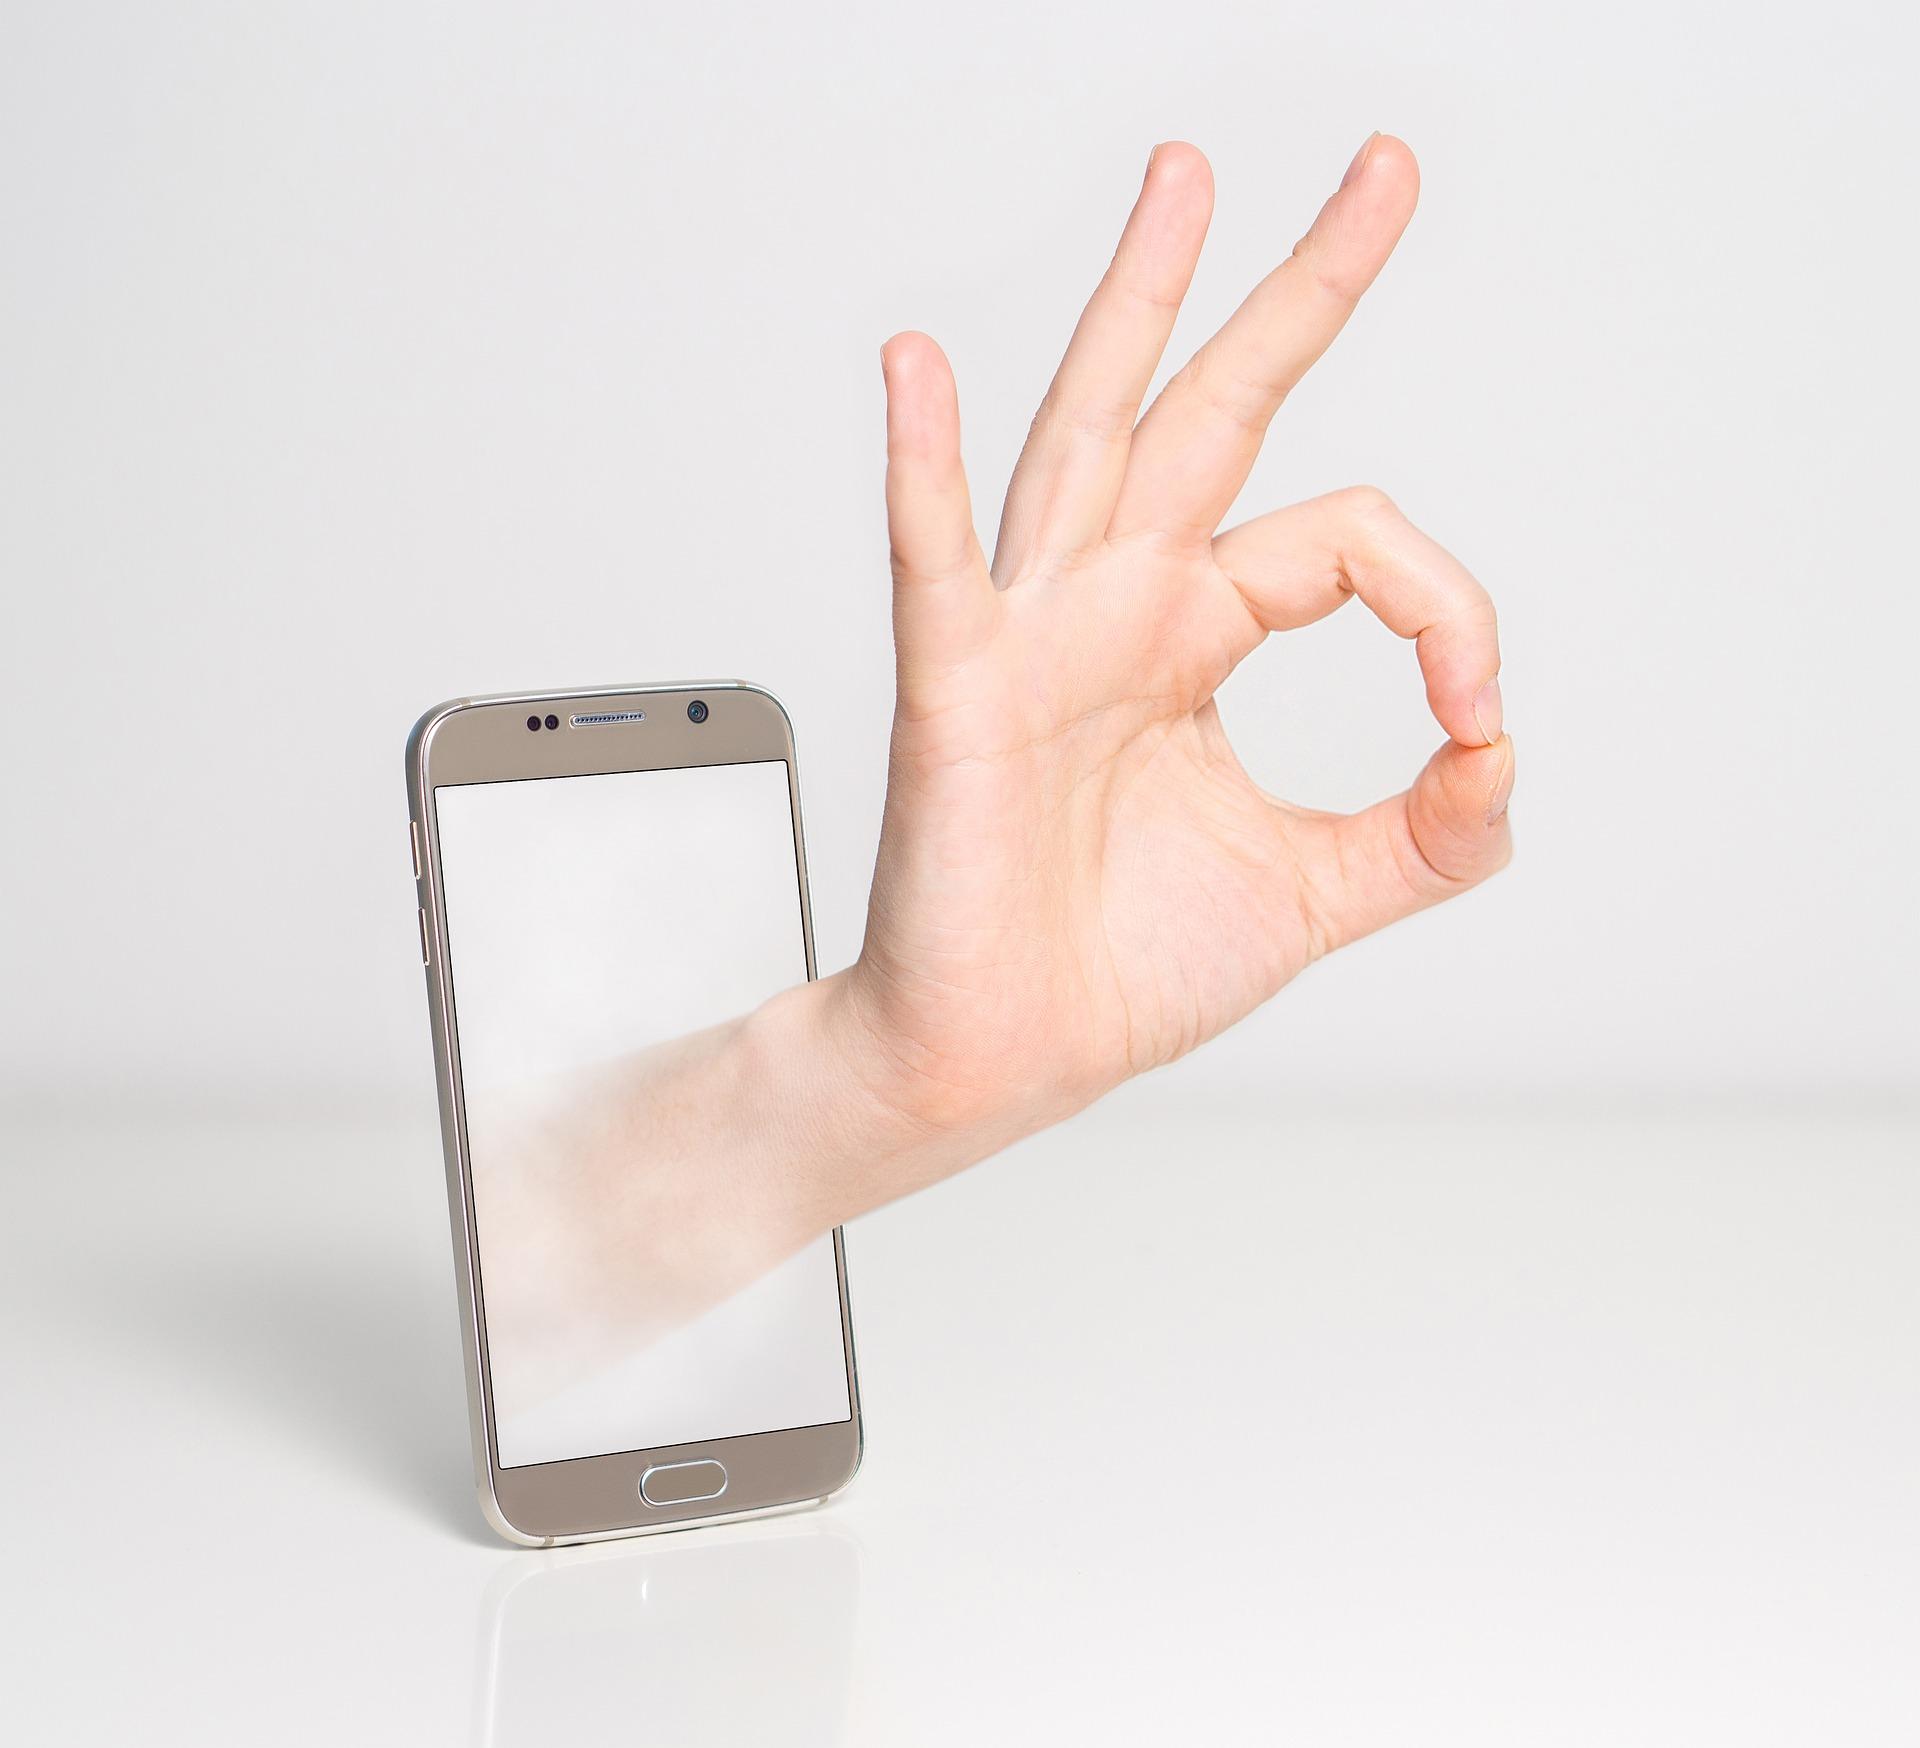 Kwestia ekranu w telefonie